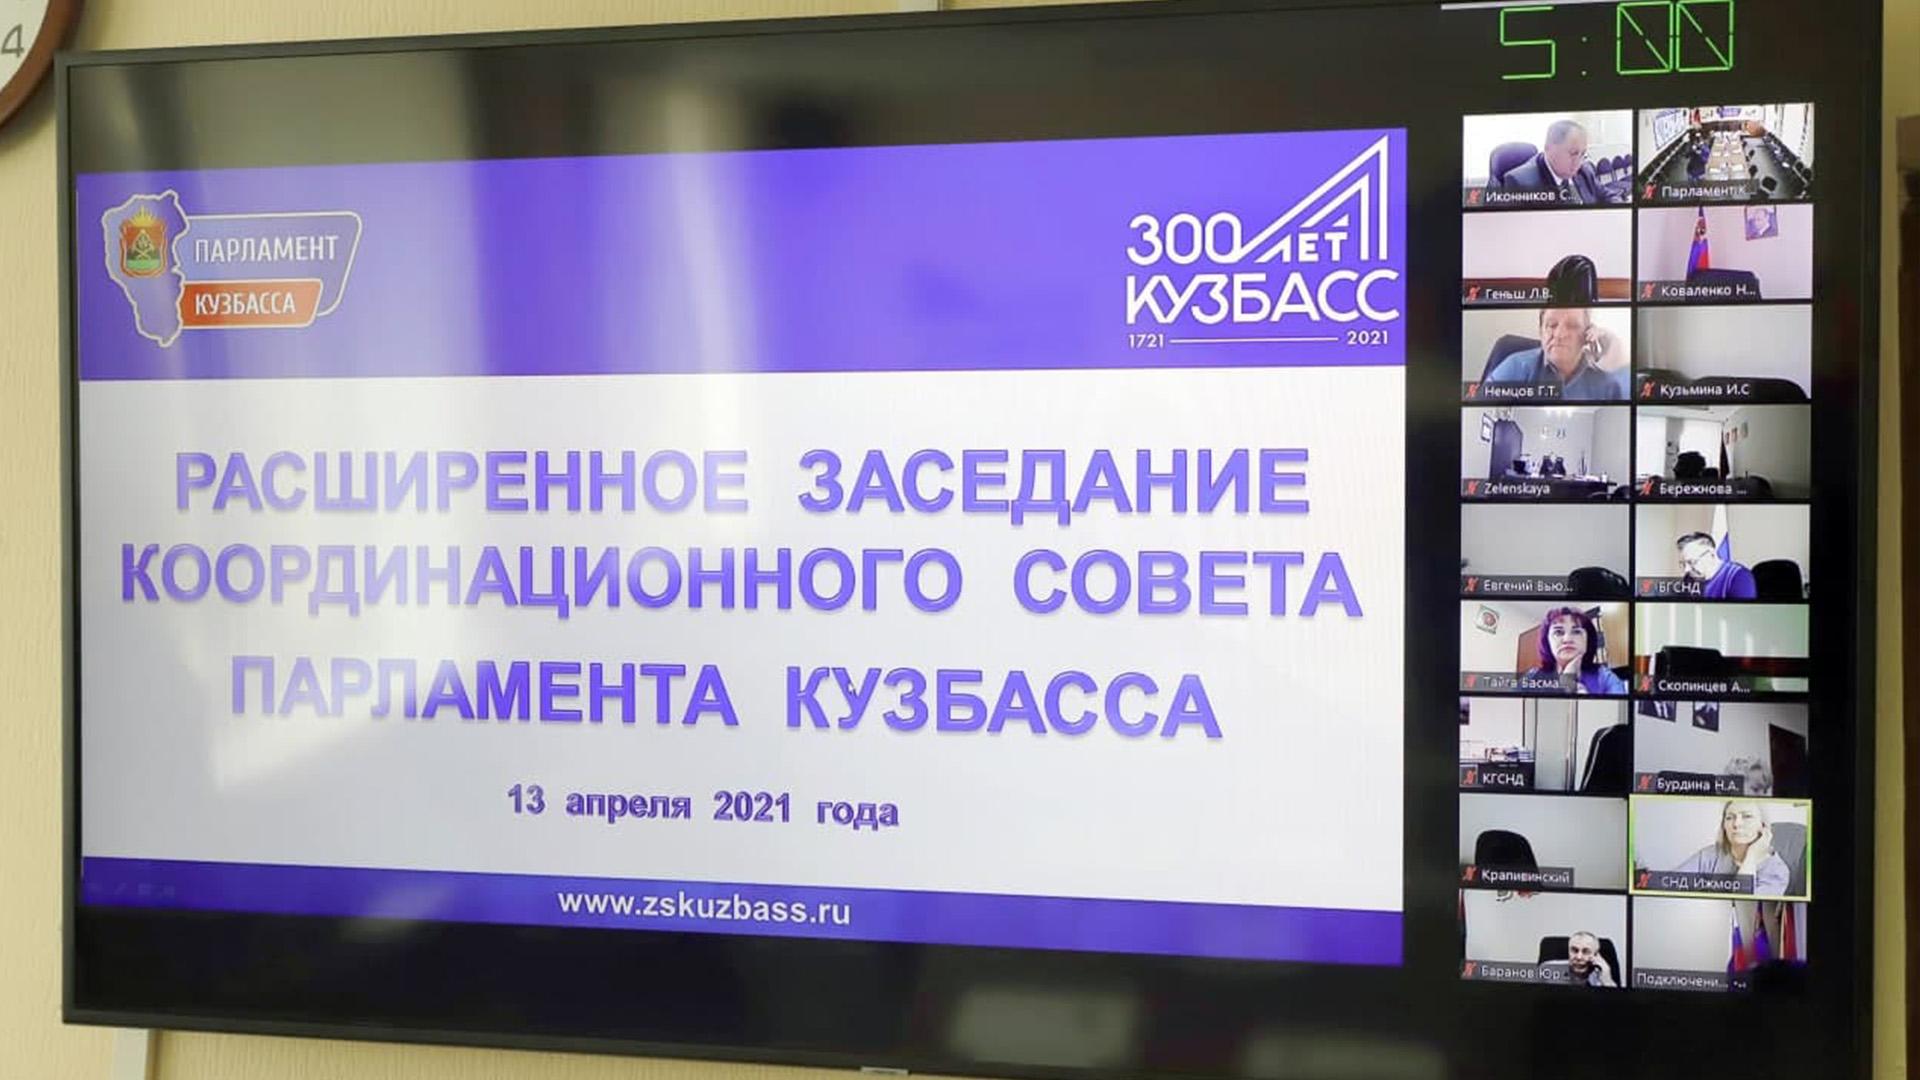 Парламент Кузбасса опросил жителей о том, что они думают о такси